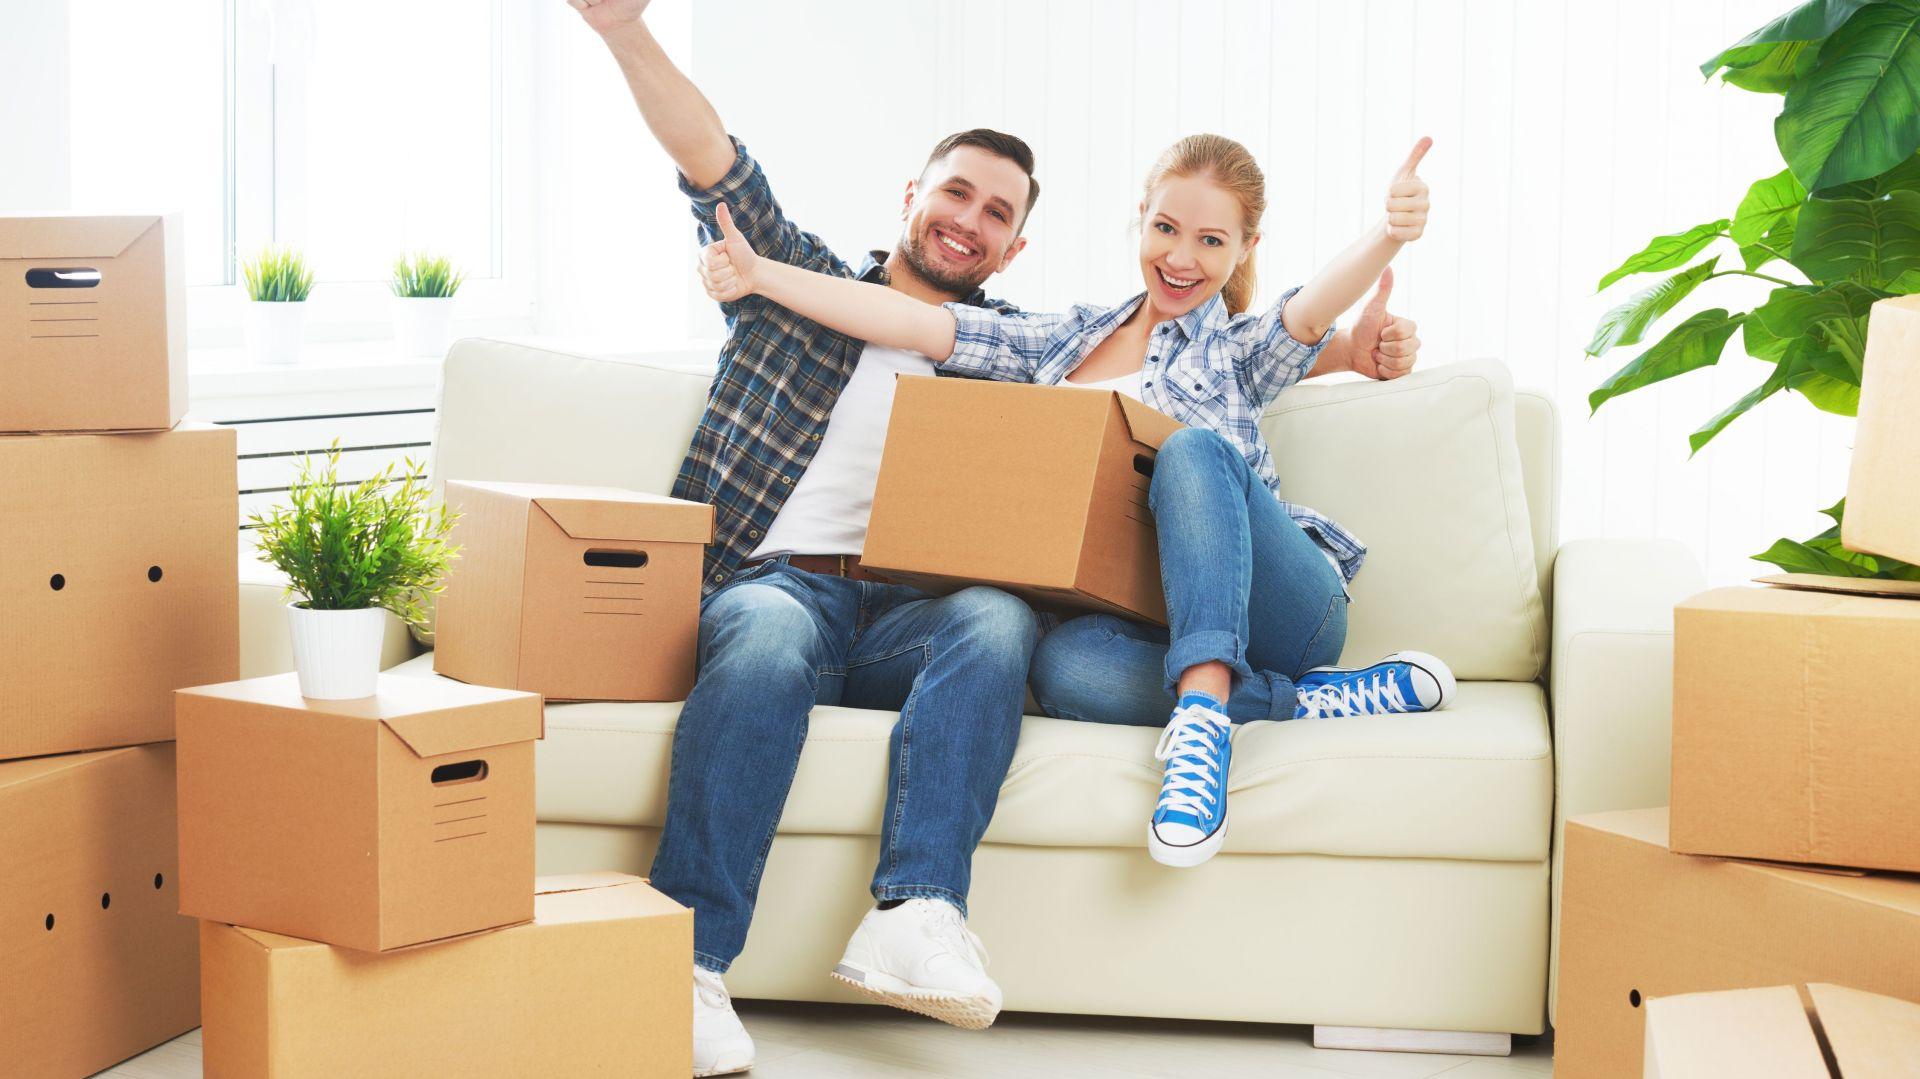 Zaopatrz się w kartony do pakowania – bezpiecznie przetransportujesz rzeczy. Fot. Vileda